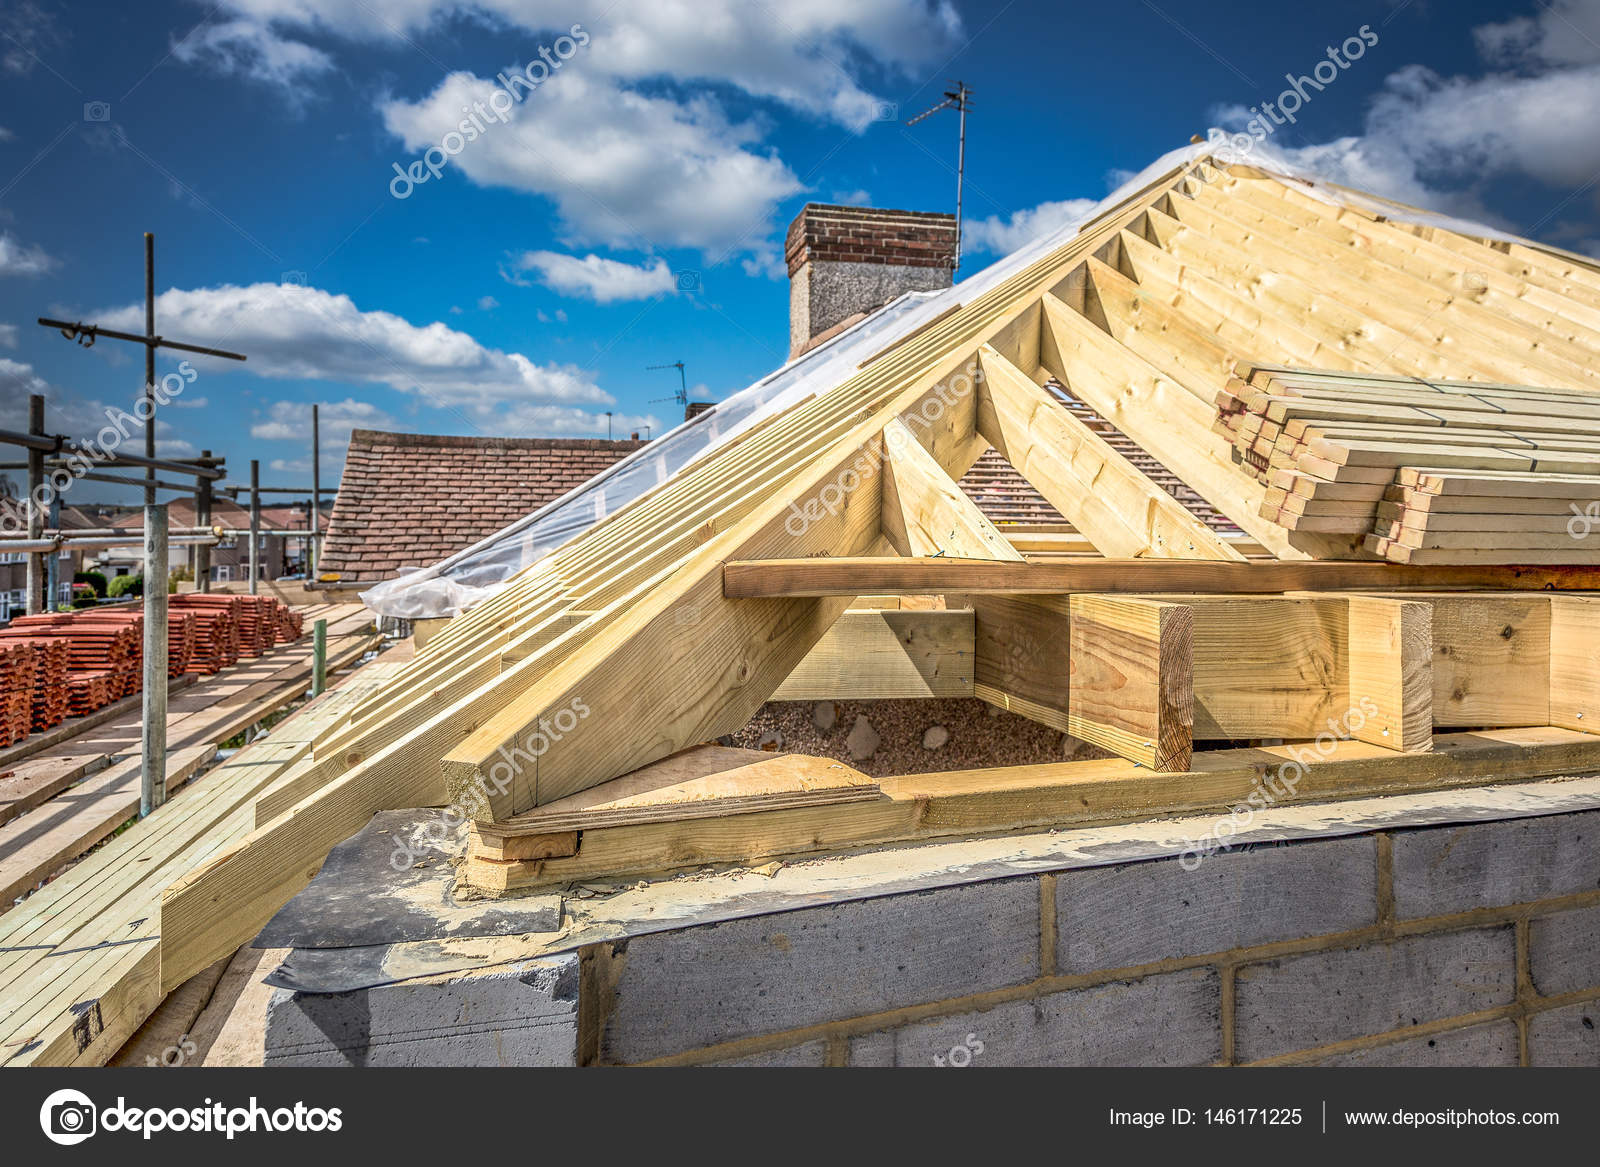 lugar de trabajo, construcción de casas madera de jales de techo ...